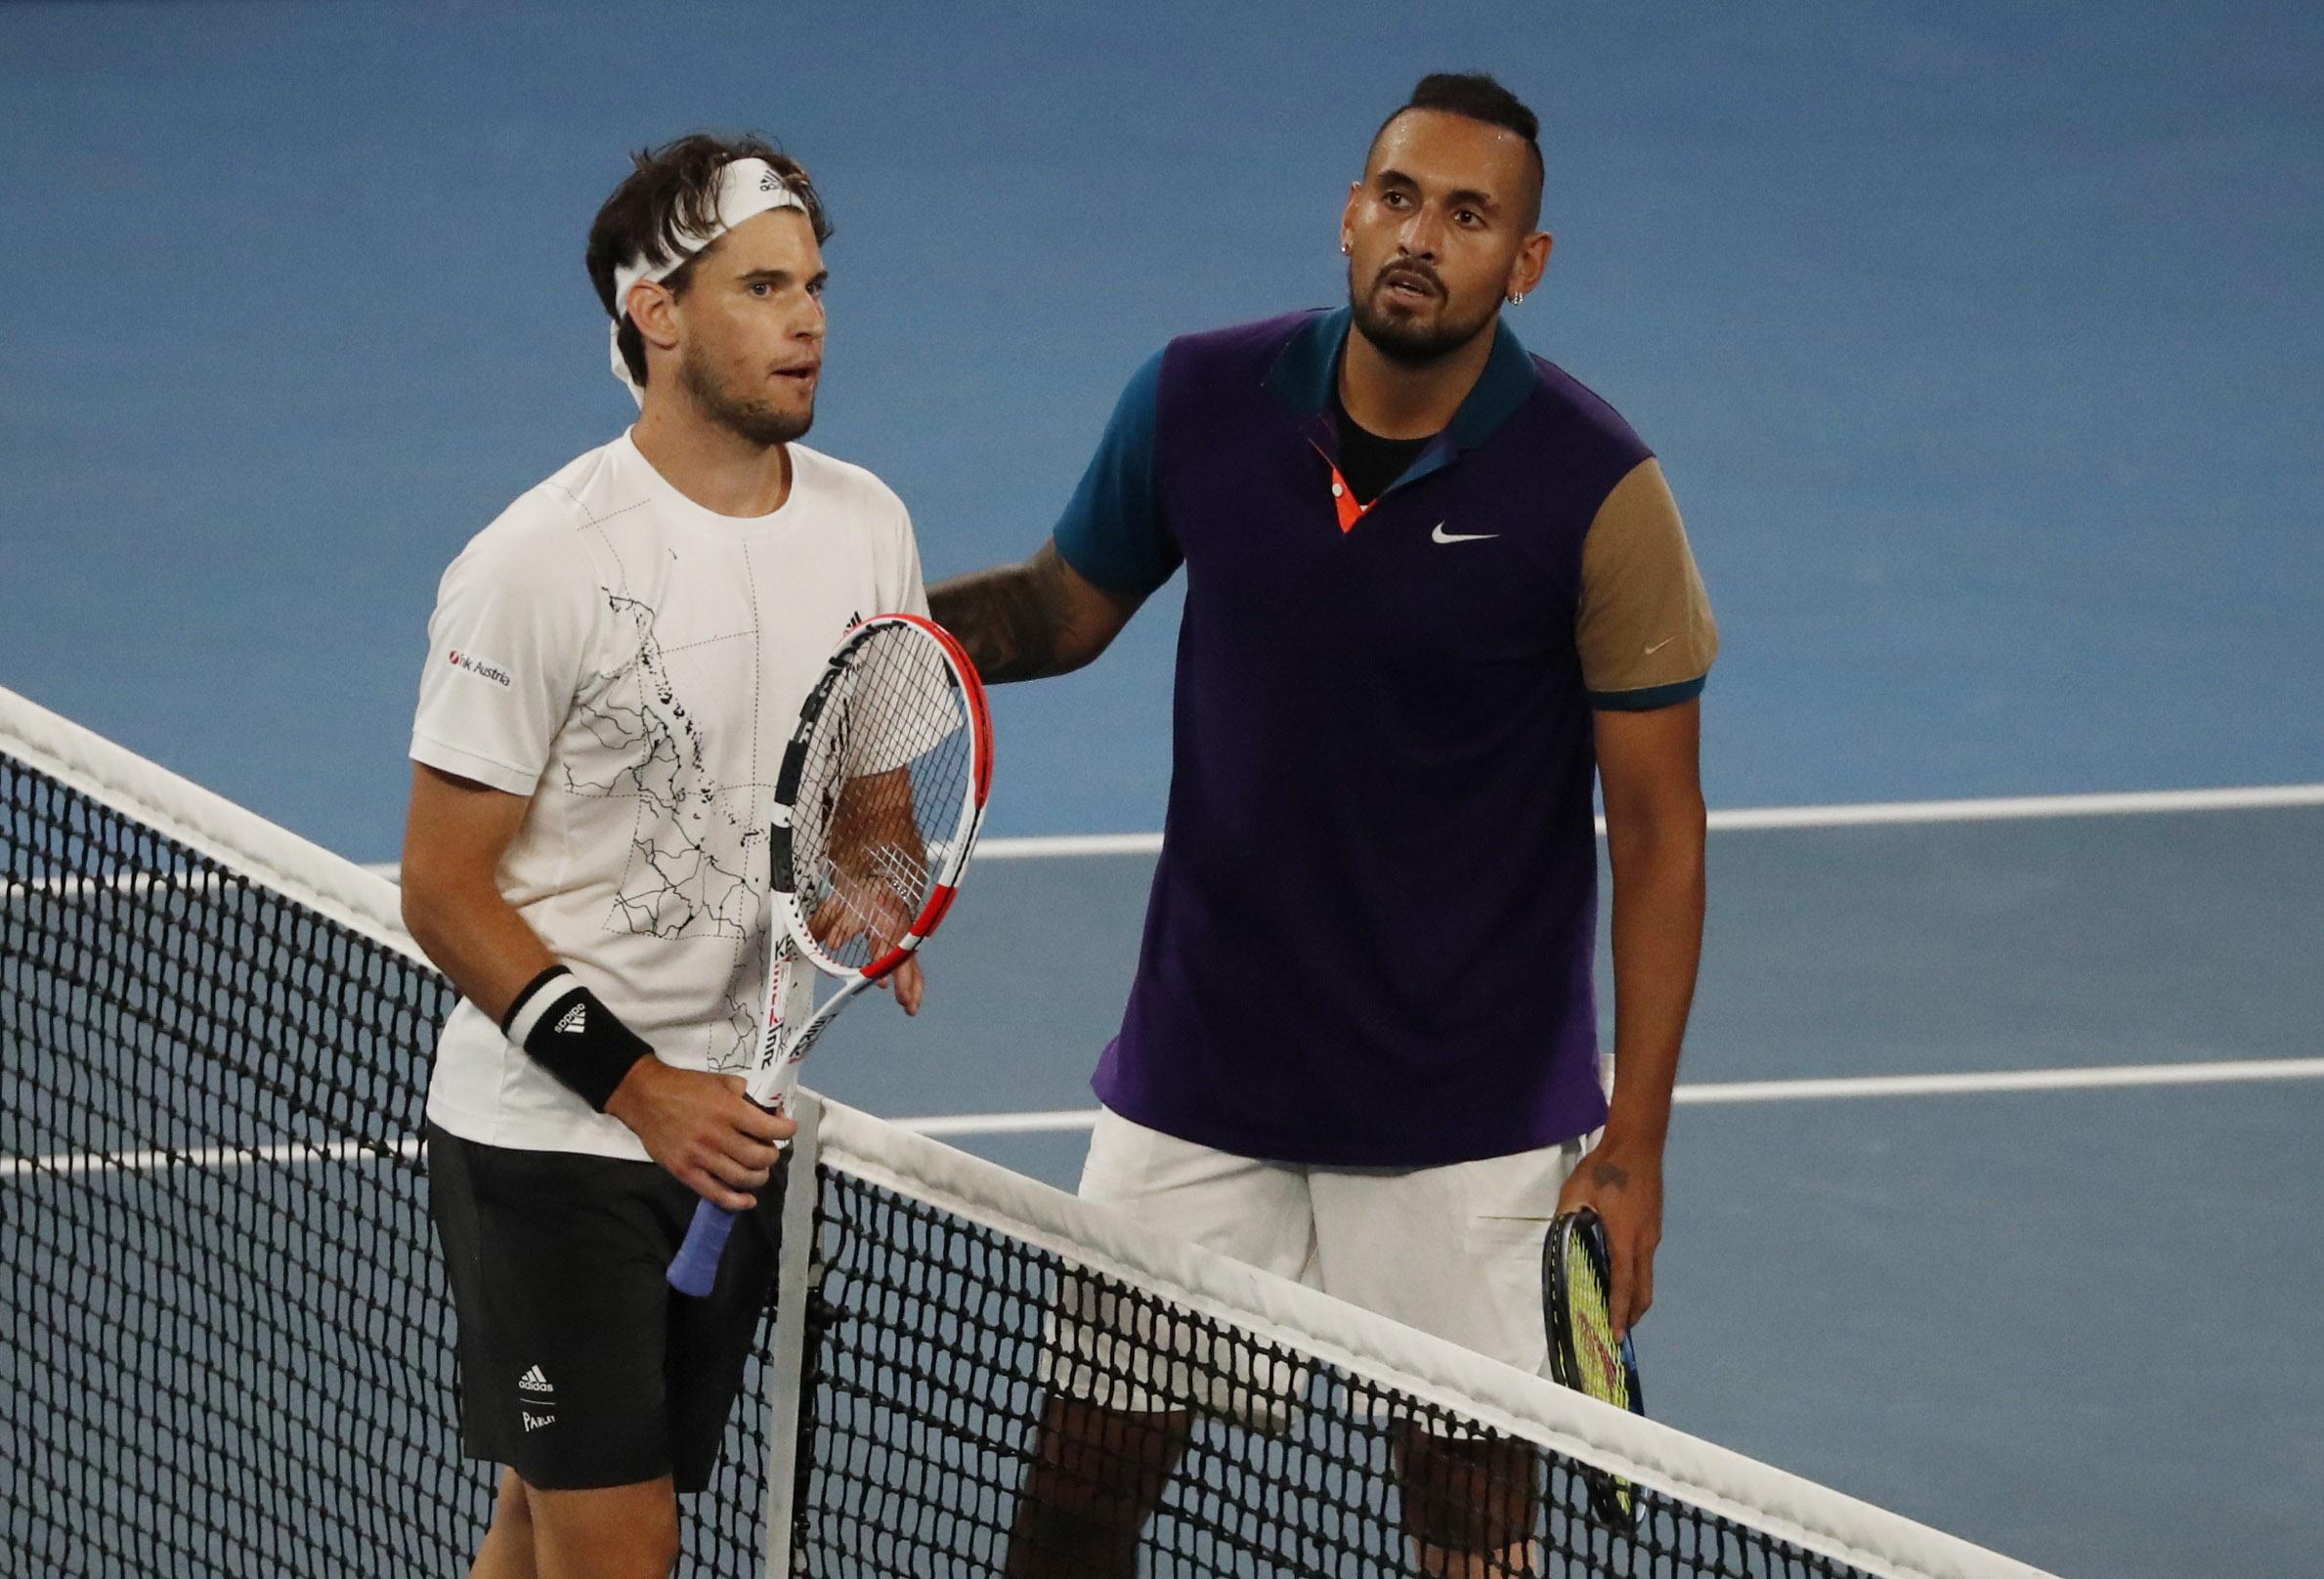 Ο απίθανος Τιμ λύγισε τον φοβερό Κύργιο στο καλύτερο παιχνίδι του Australian Open (video)